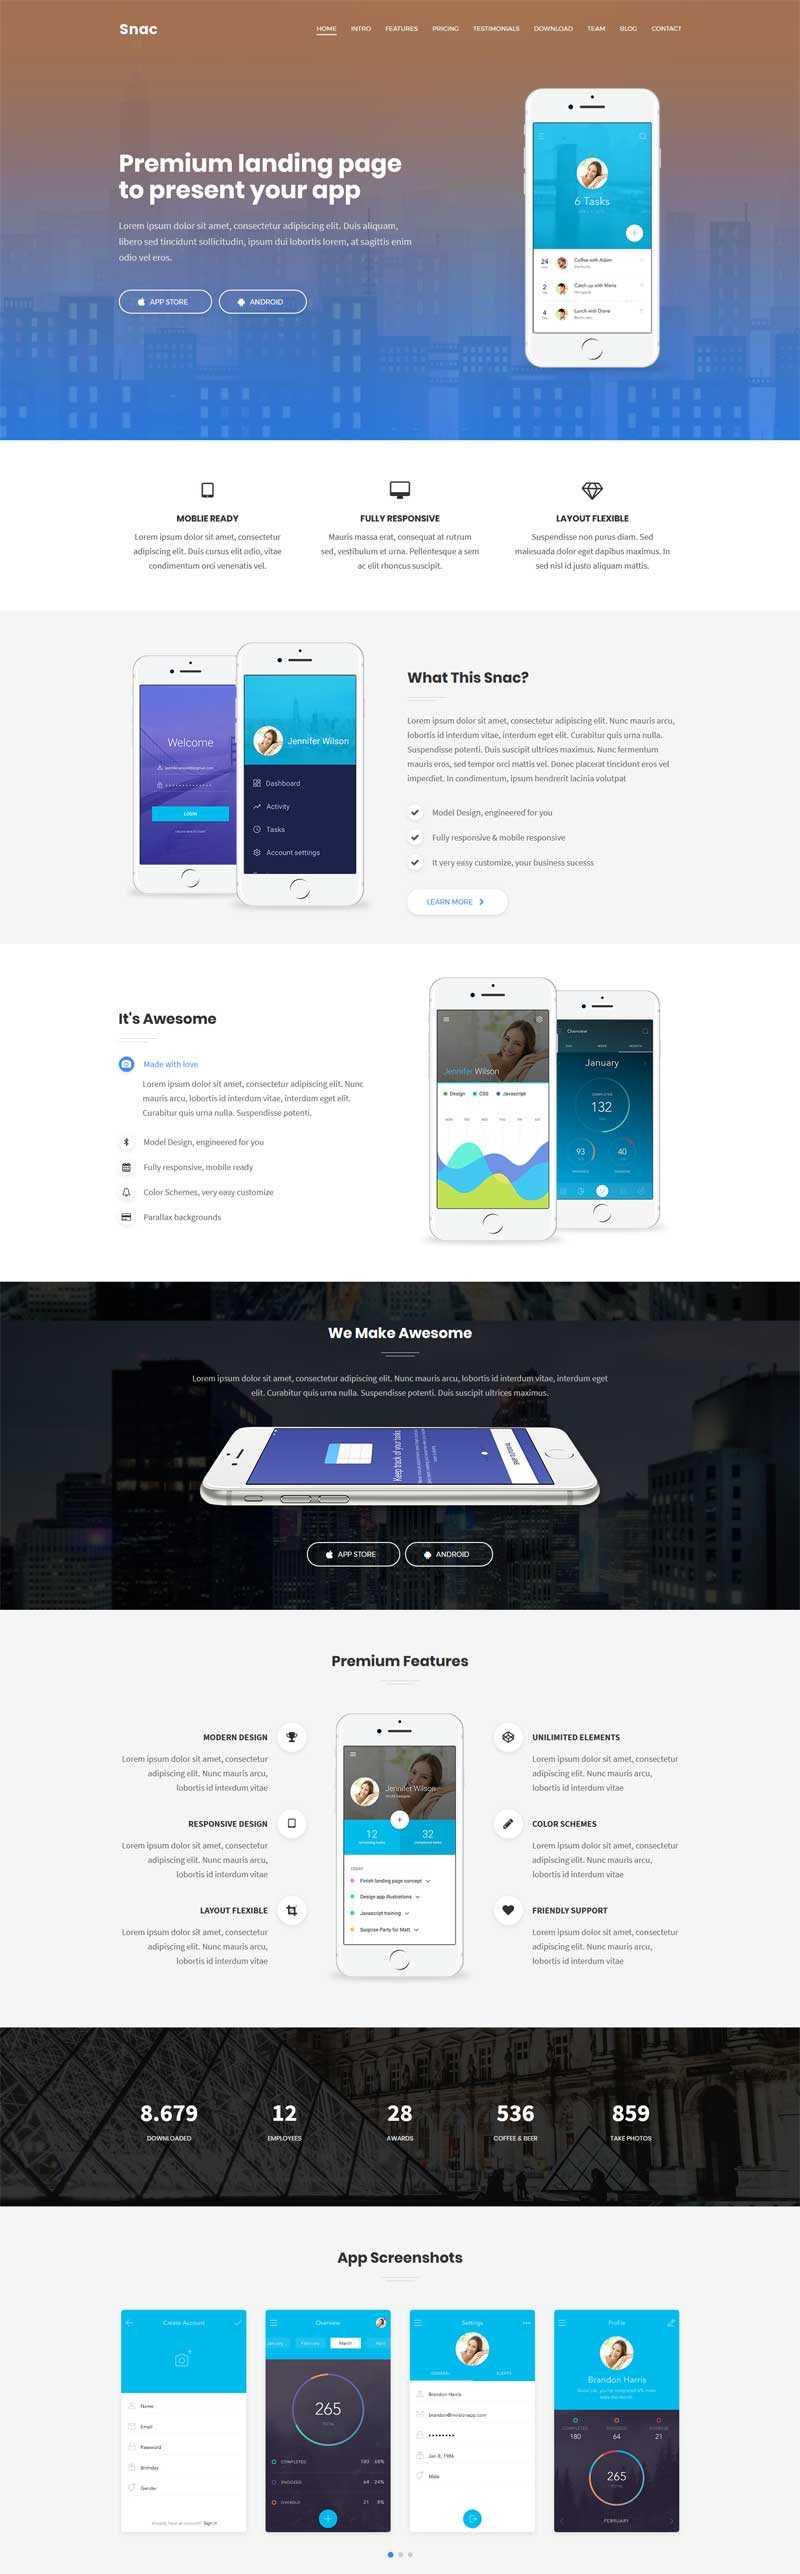 大气的app软件介绍官网html5动画模板